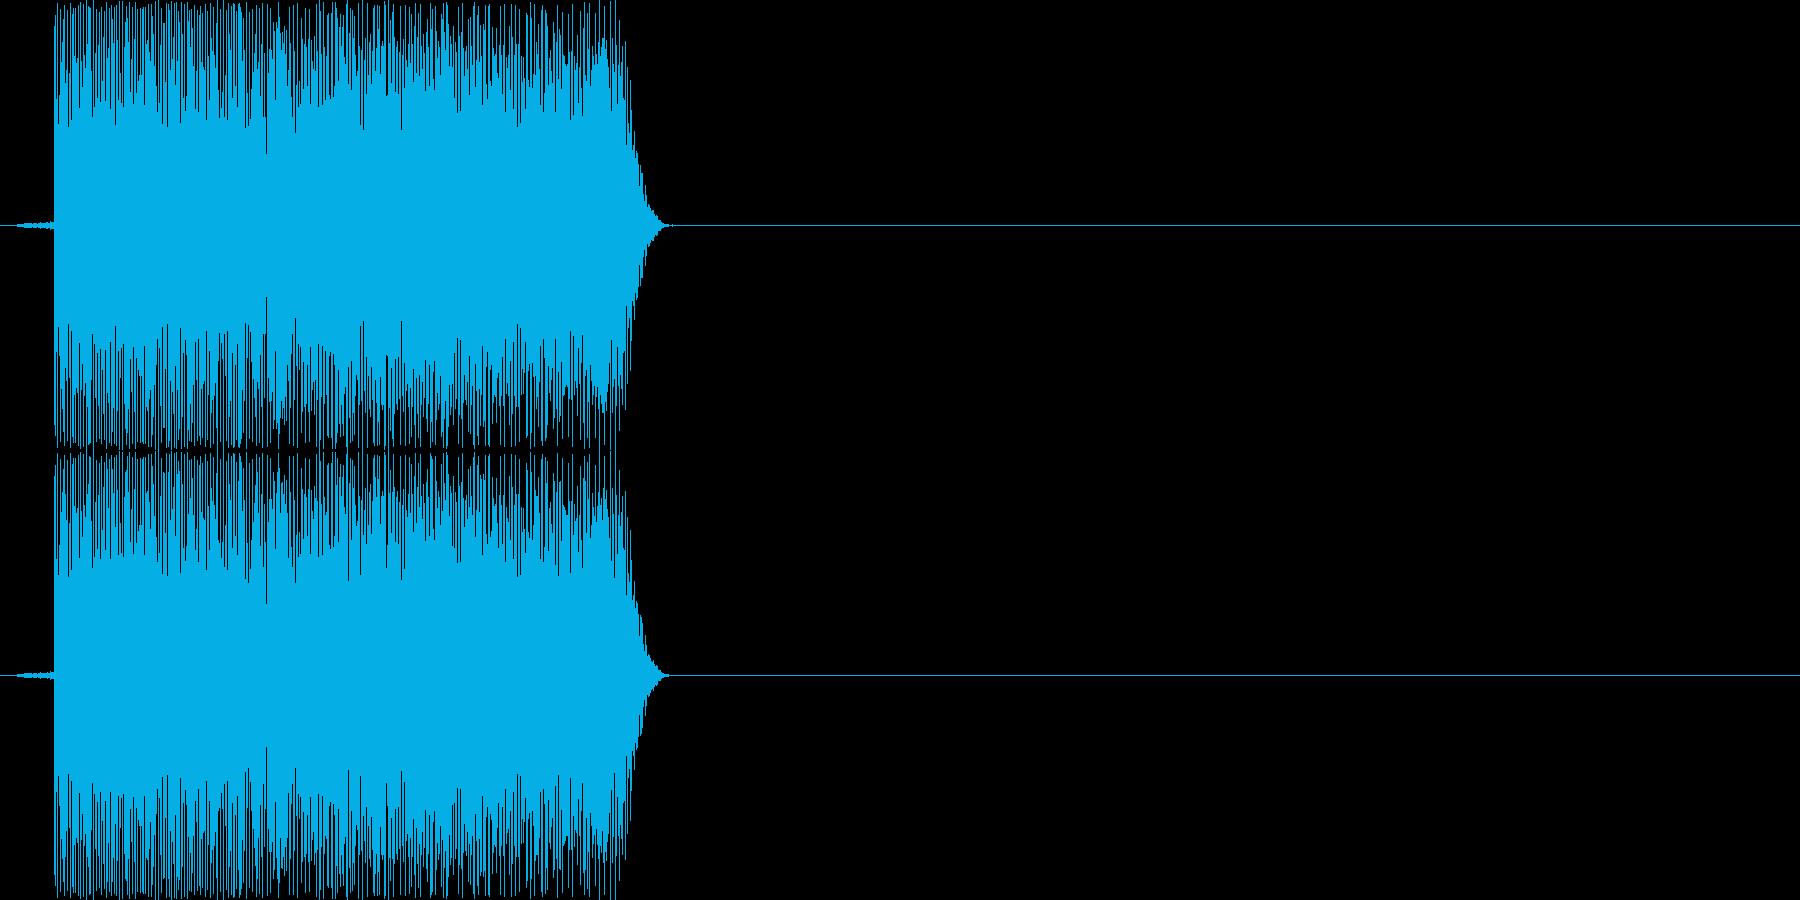 ピロッ(PC、ロボット、決定音)の再生済みの波形